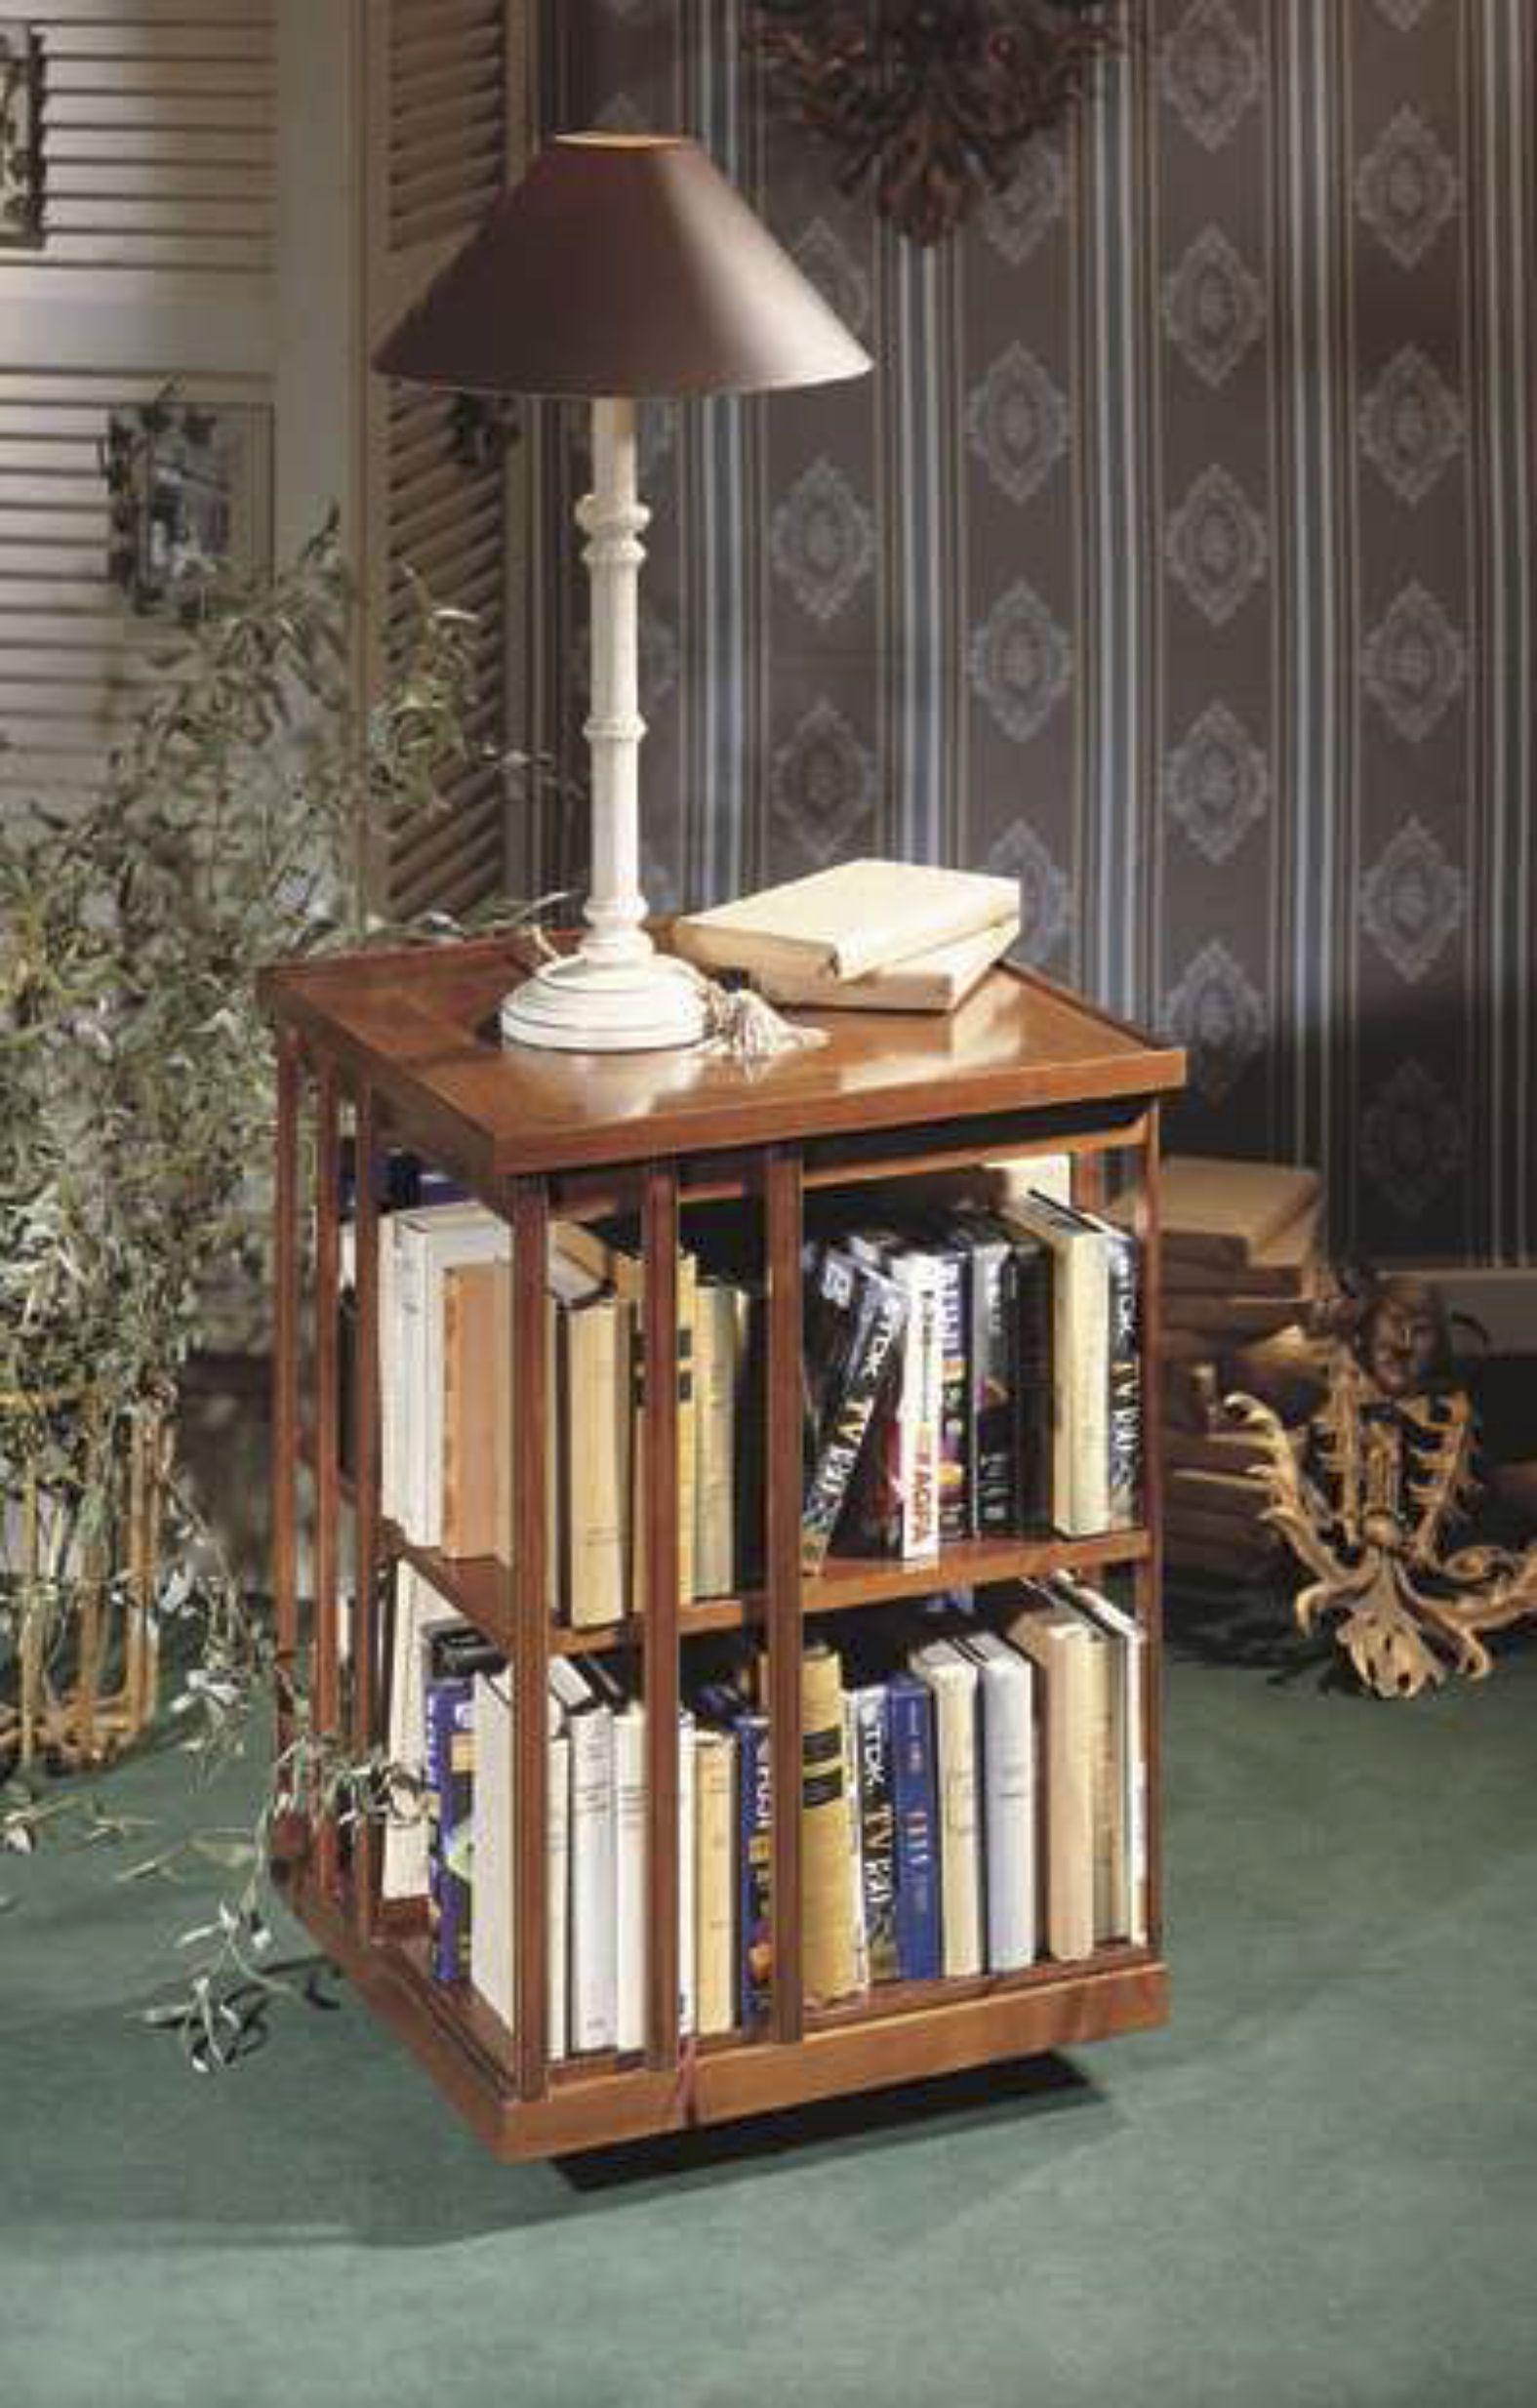 biblioth que tournante petit mod le en bois massif avec. Black Bedroom Furniture Sets. Home Design Ideas